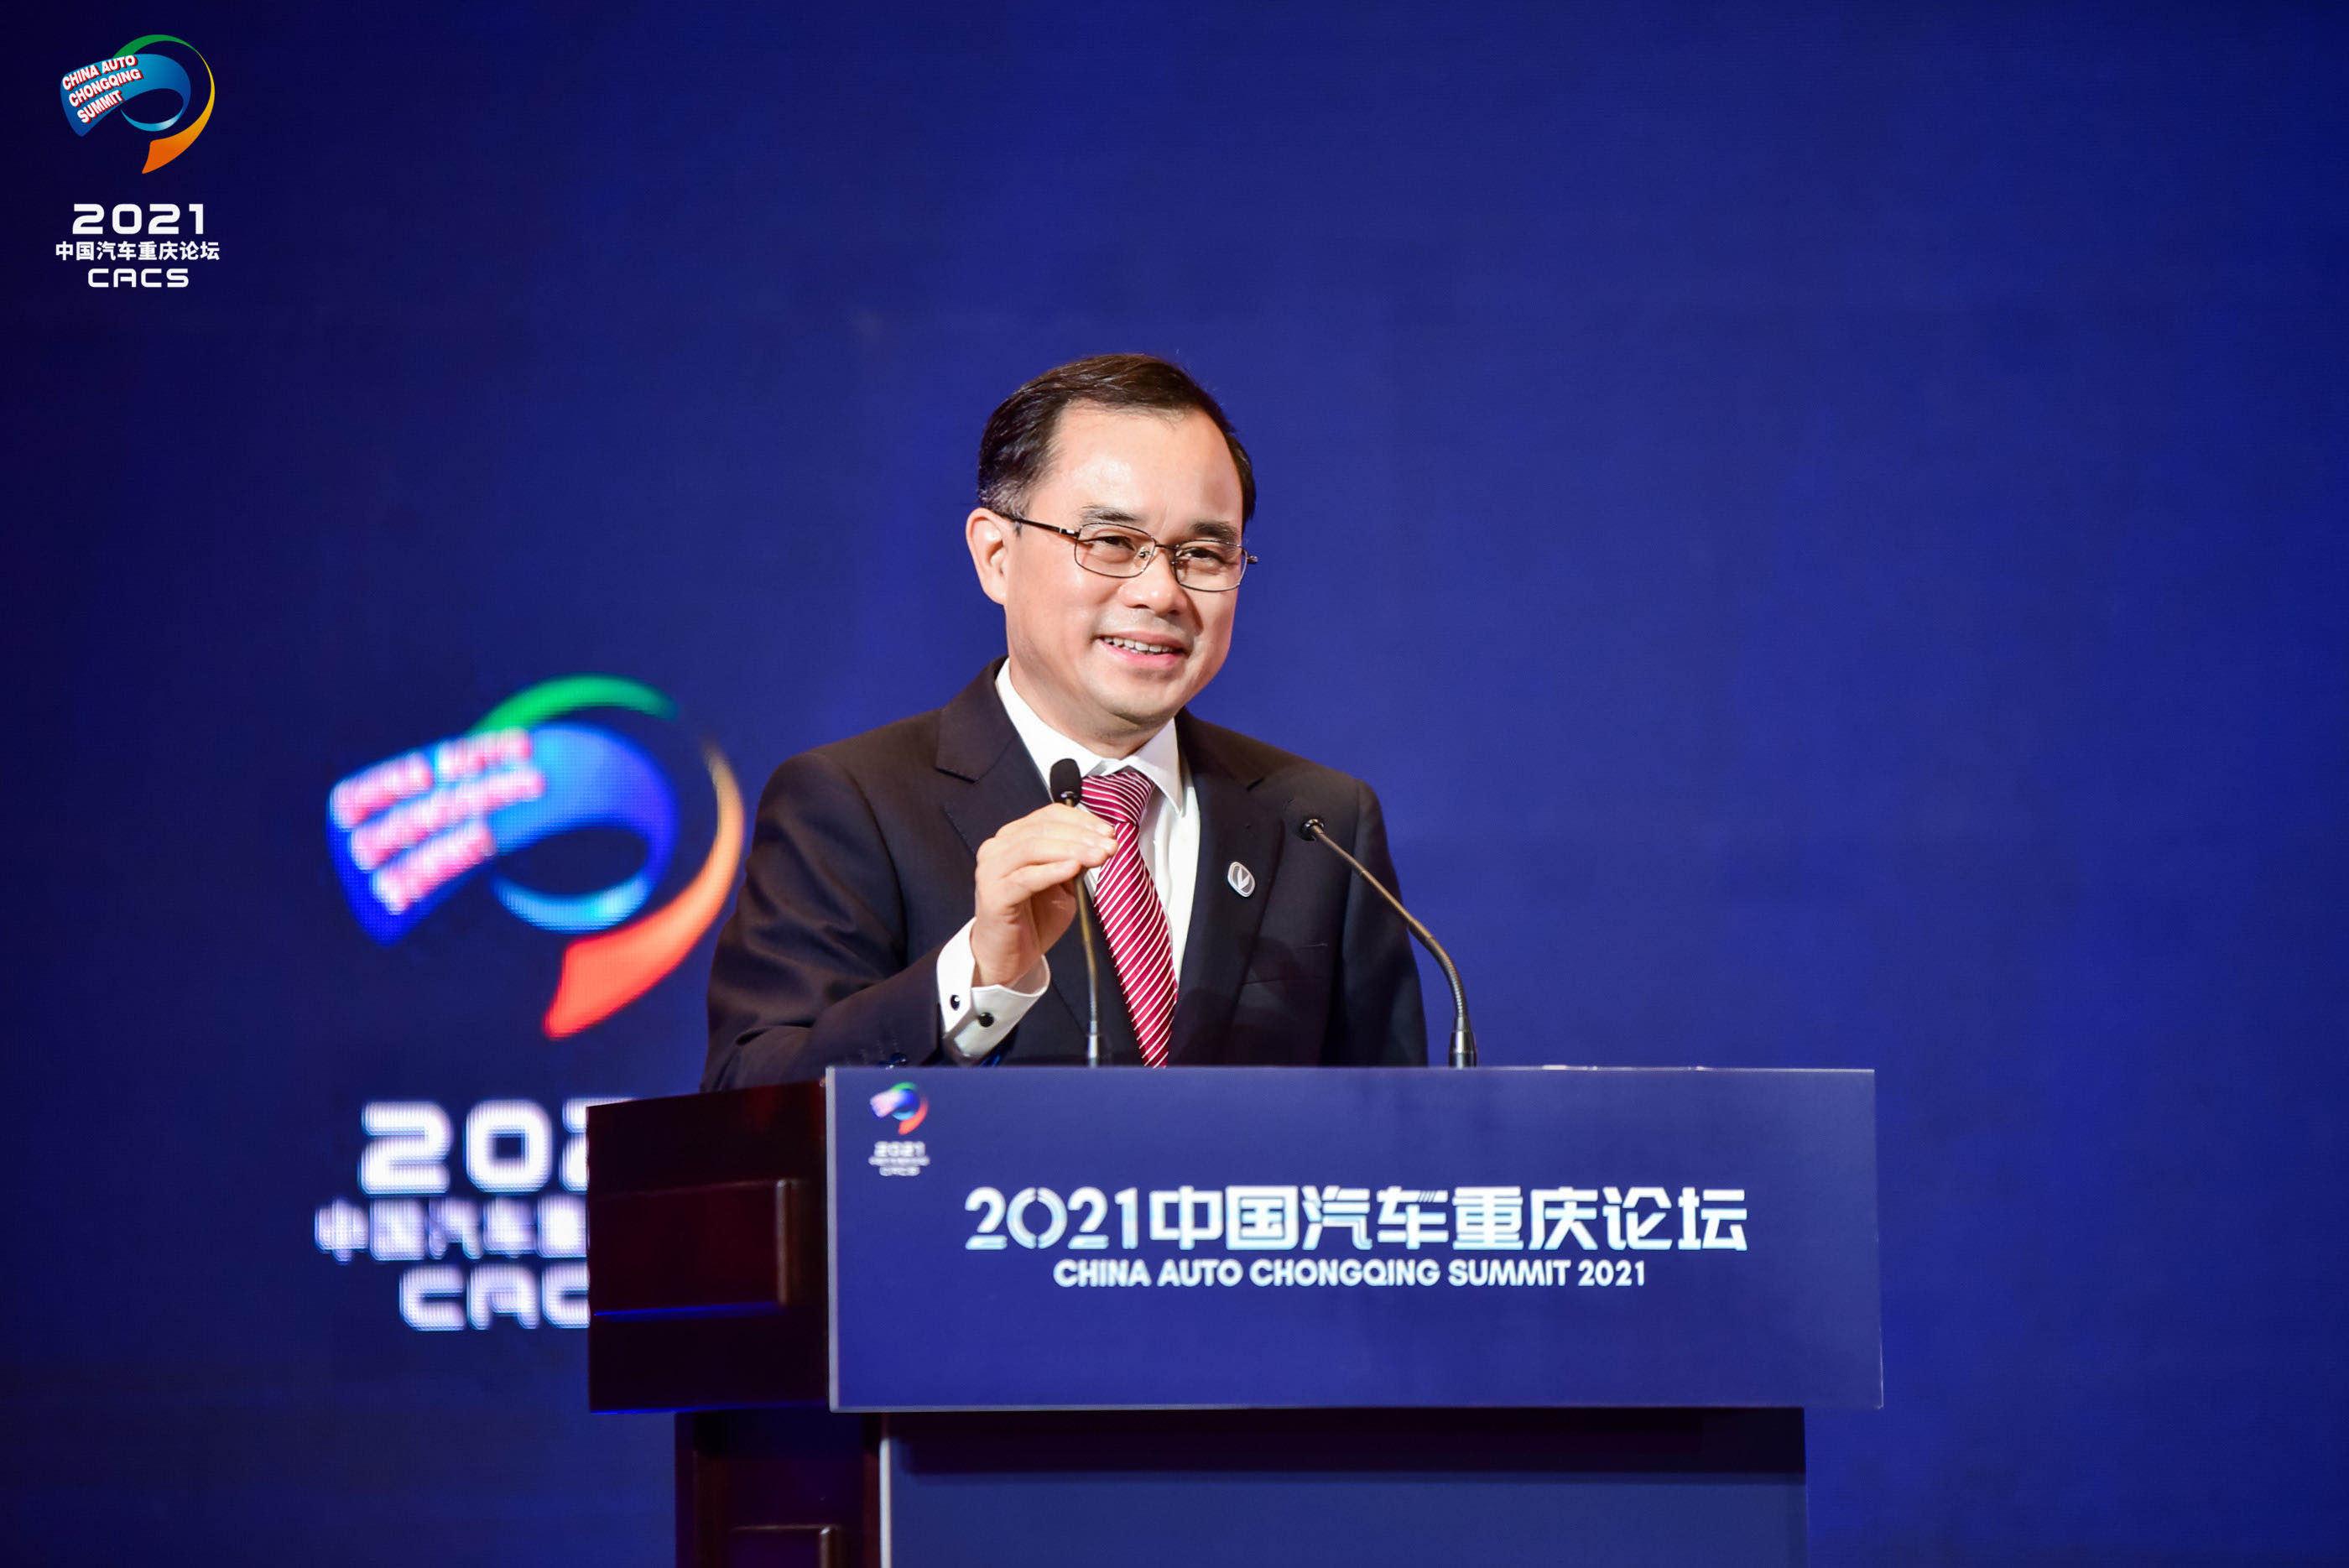 朱华荣:中国汽车正在形成三大势力的造车格局